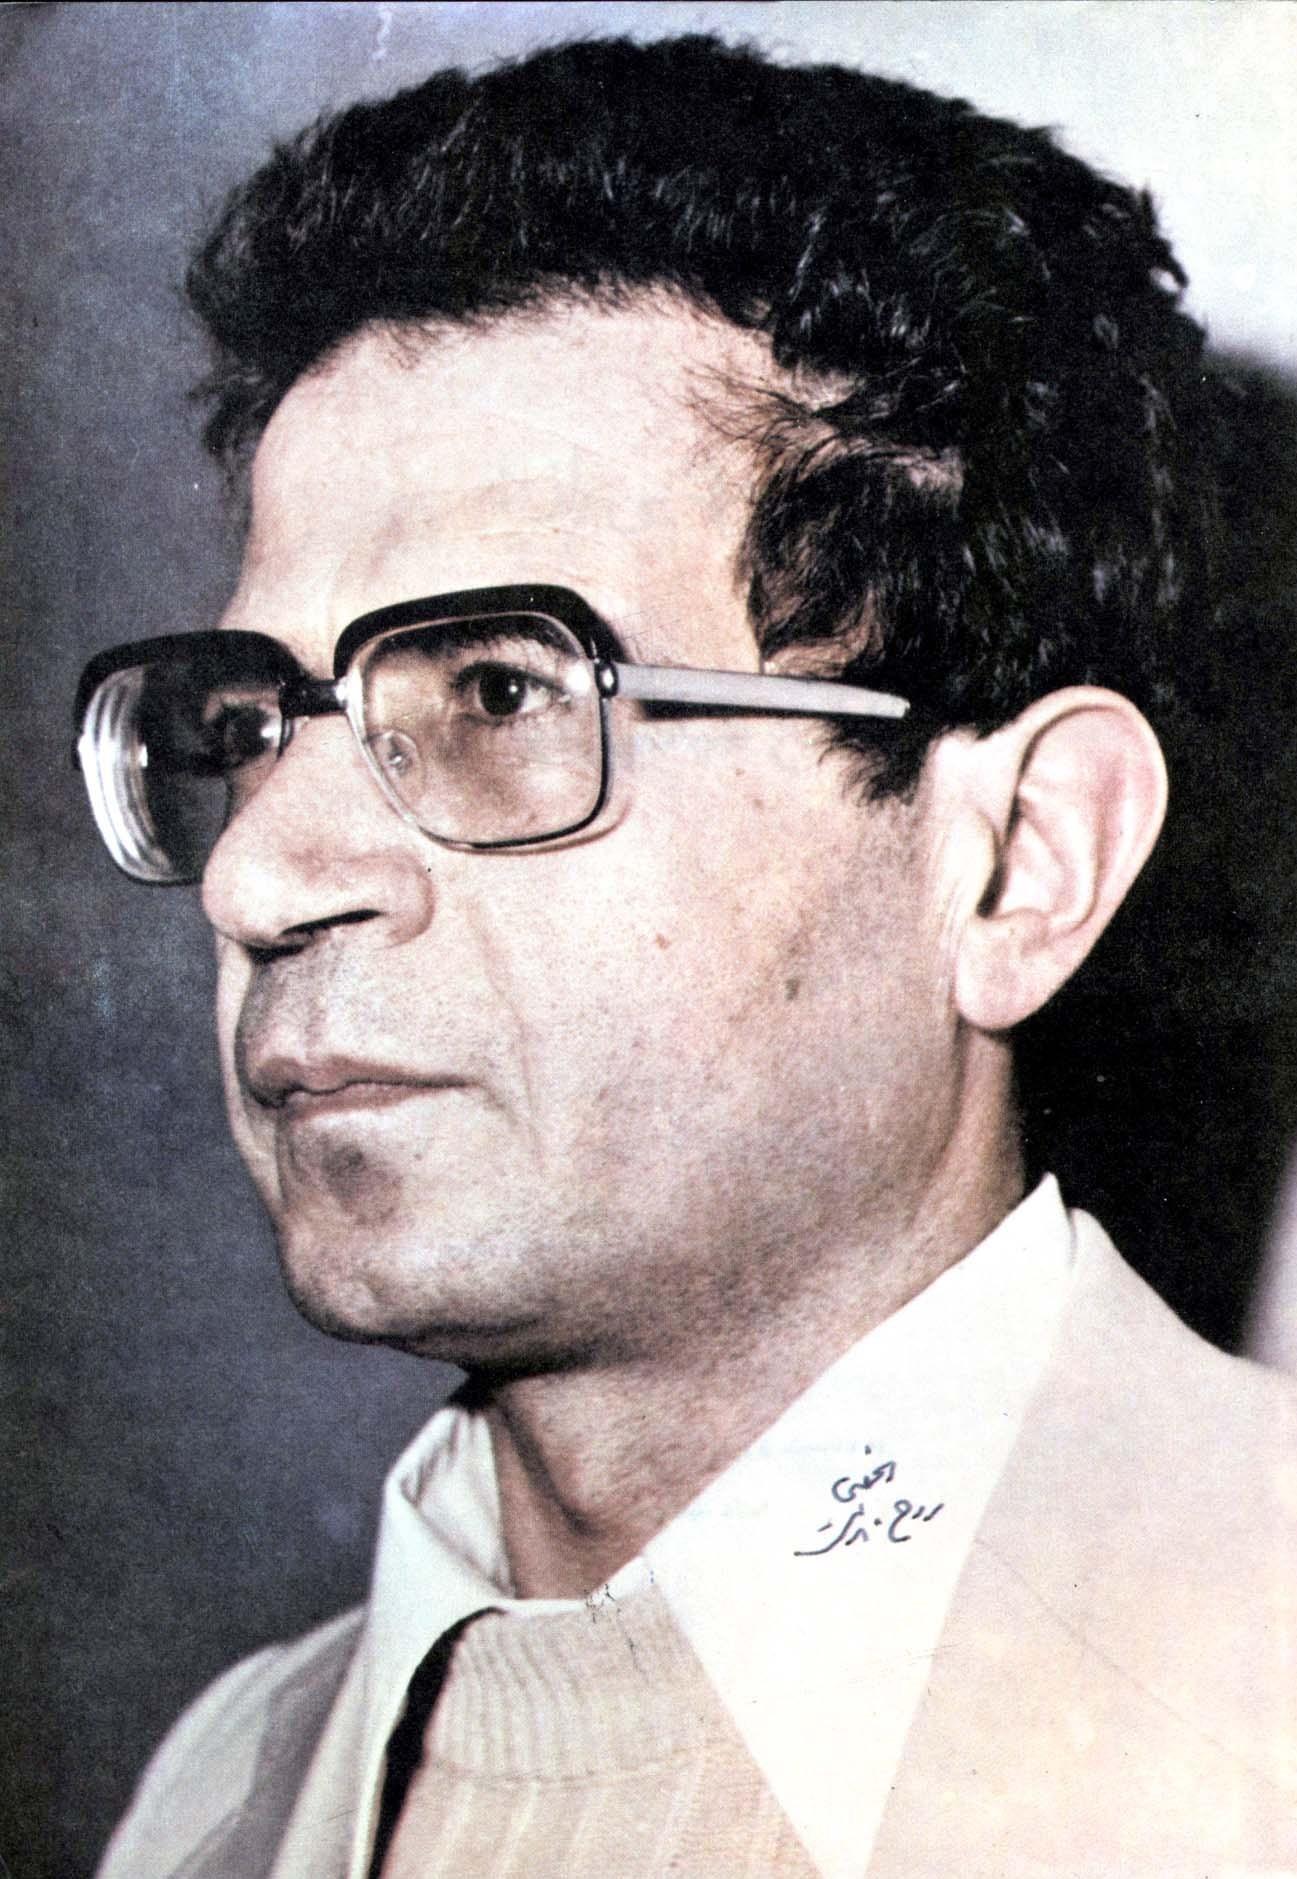 ۶۰ گلوله ای که سهم یک «نماینده مجلس» از سفره انقلاب شد